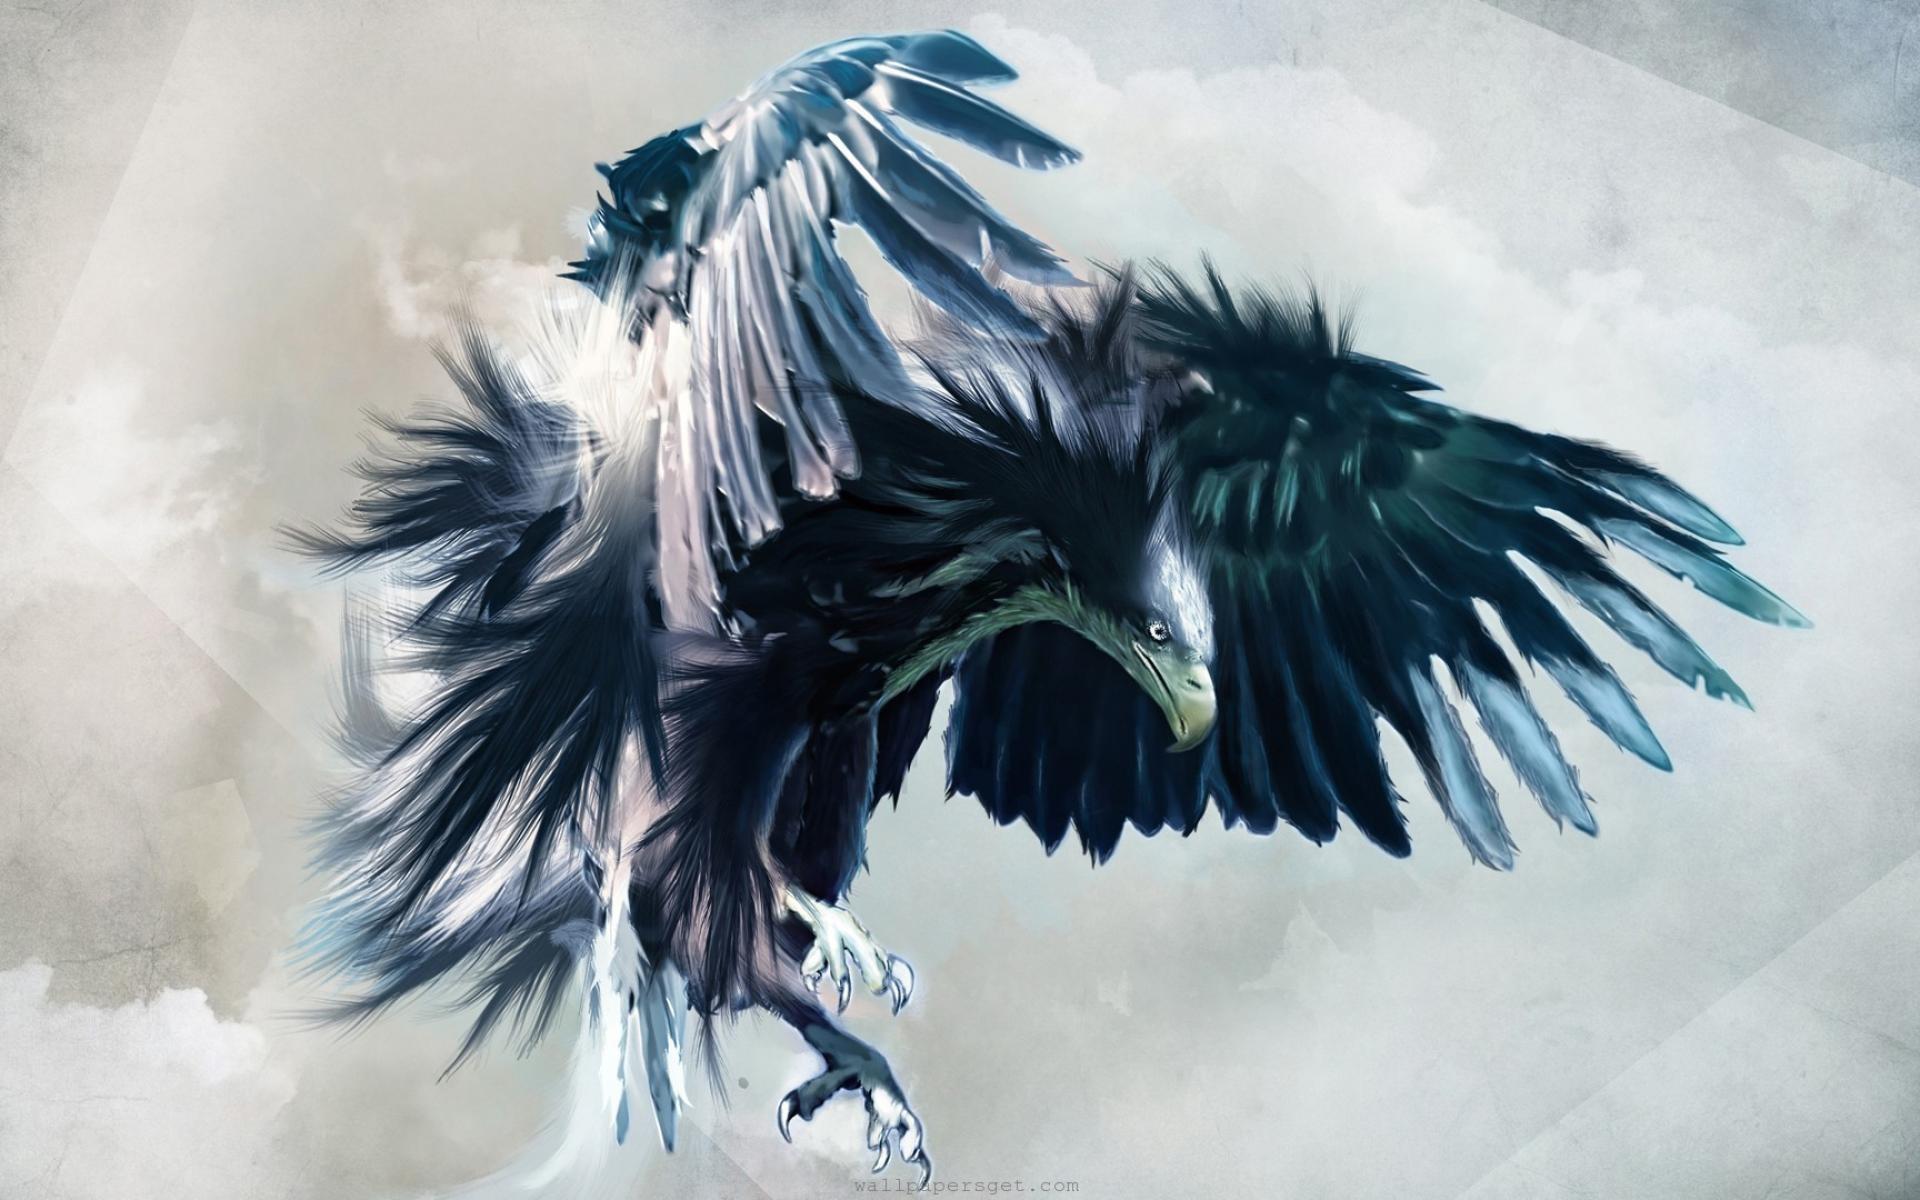 cool eagle pics wallpaper